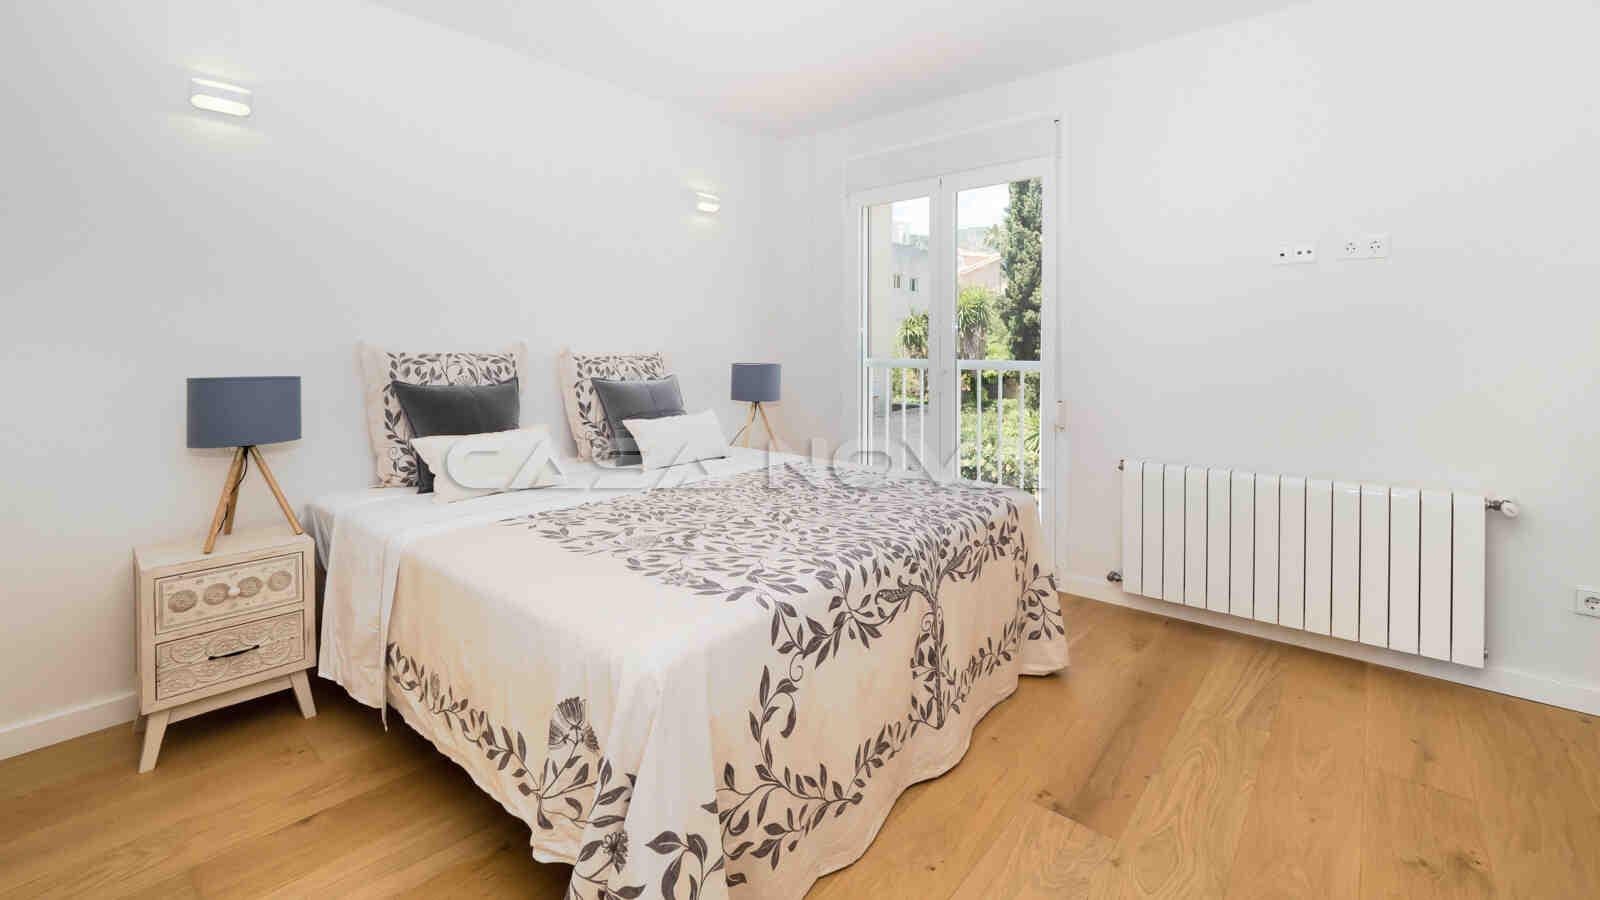 Grosses Doppelschlafzimmer mit viel natürlichem Lichteinfall